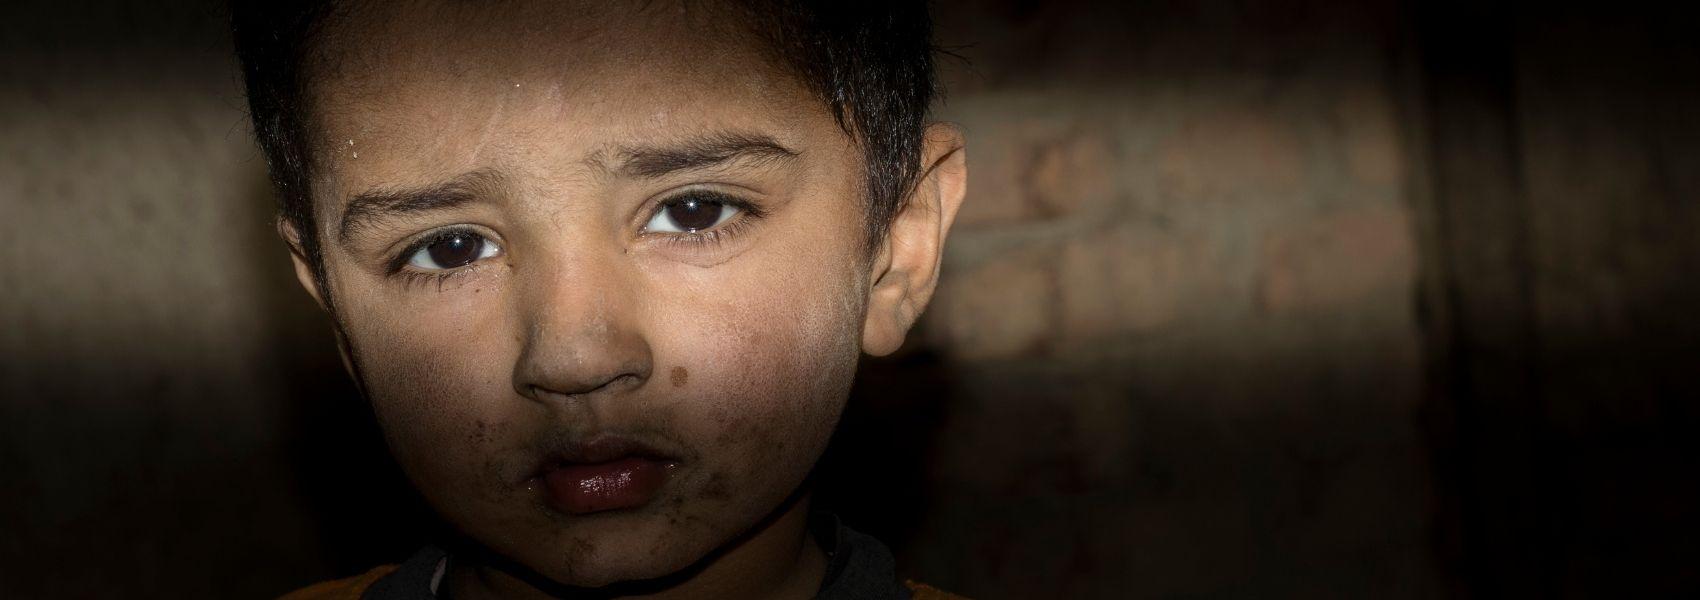 Estudo estima que 1,5 milhões de crianças em todo o mundo perderam alguém devido à COVID-19